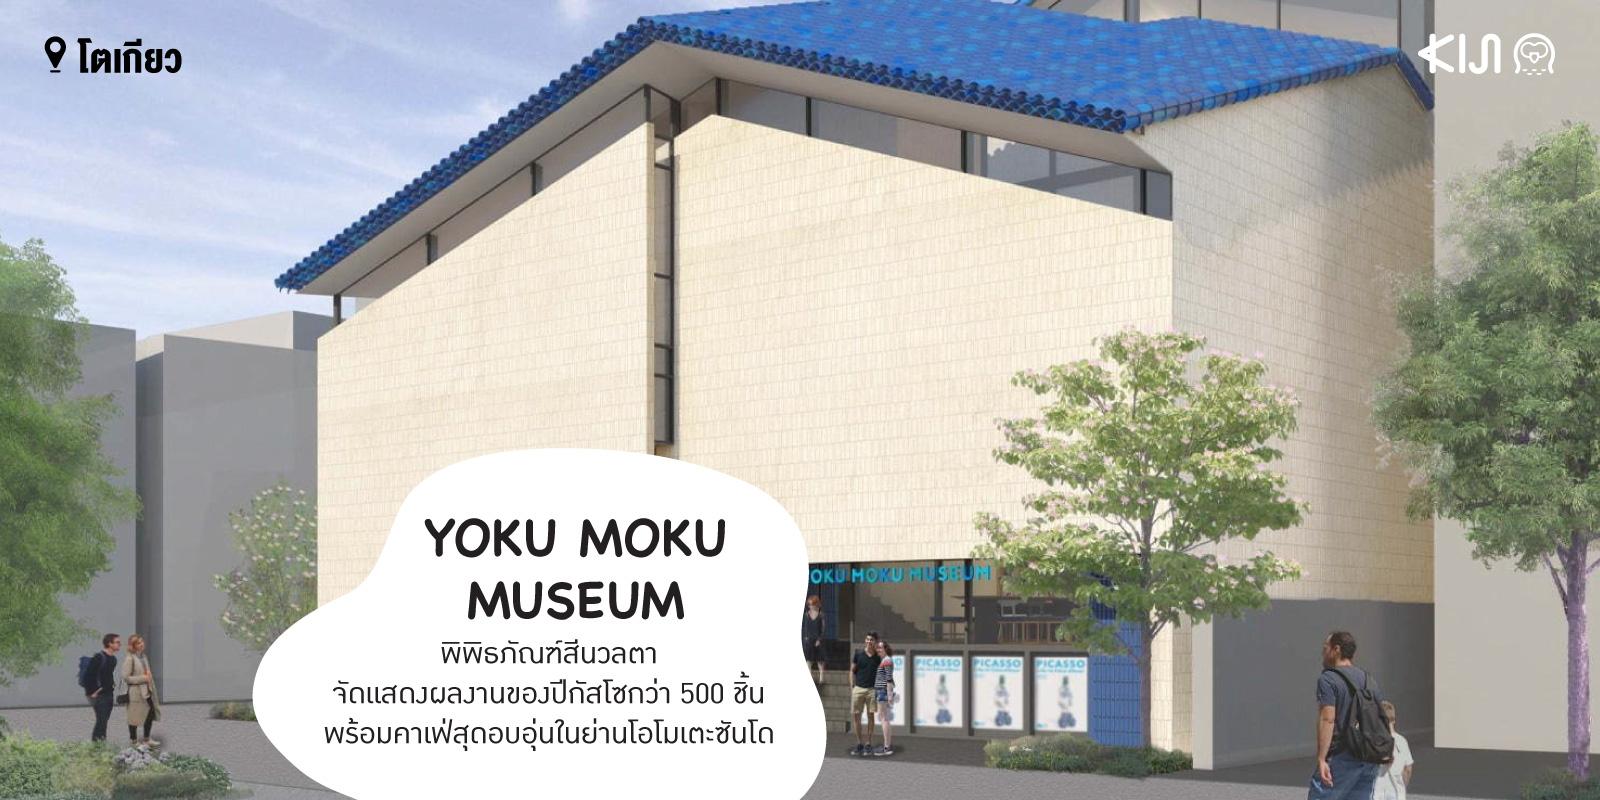 YOKU MOKU MUSEUM พิพิธภัณฑ์กรุงโตเกียว